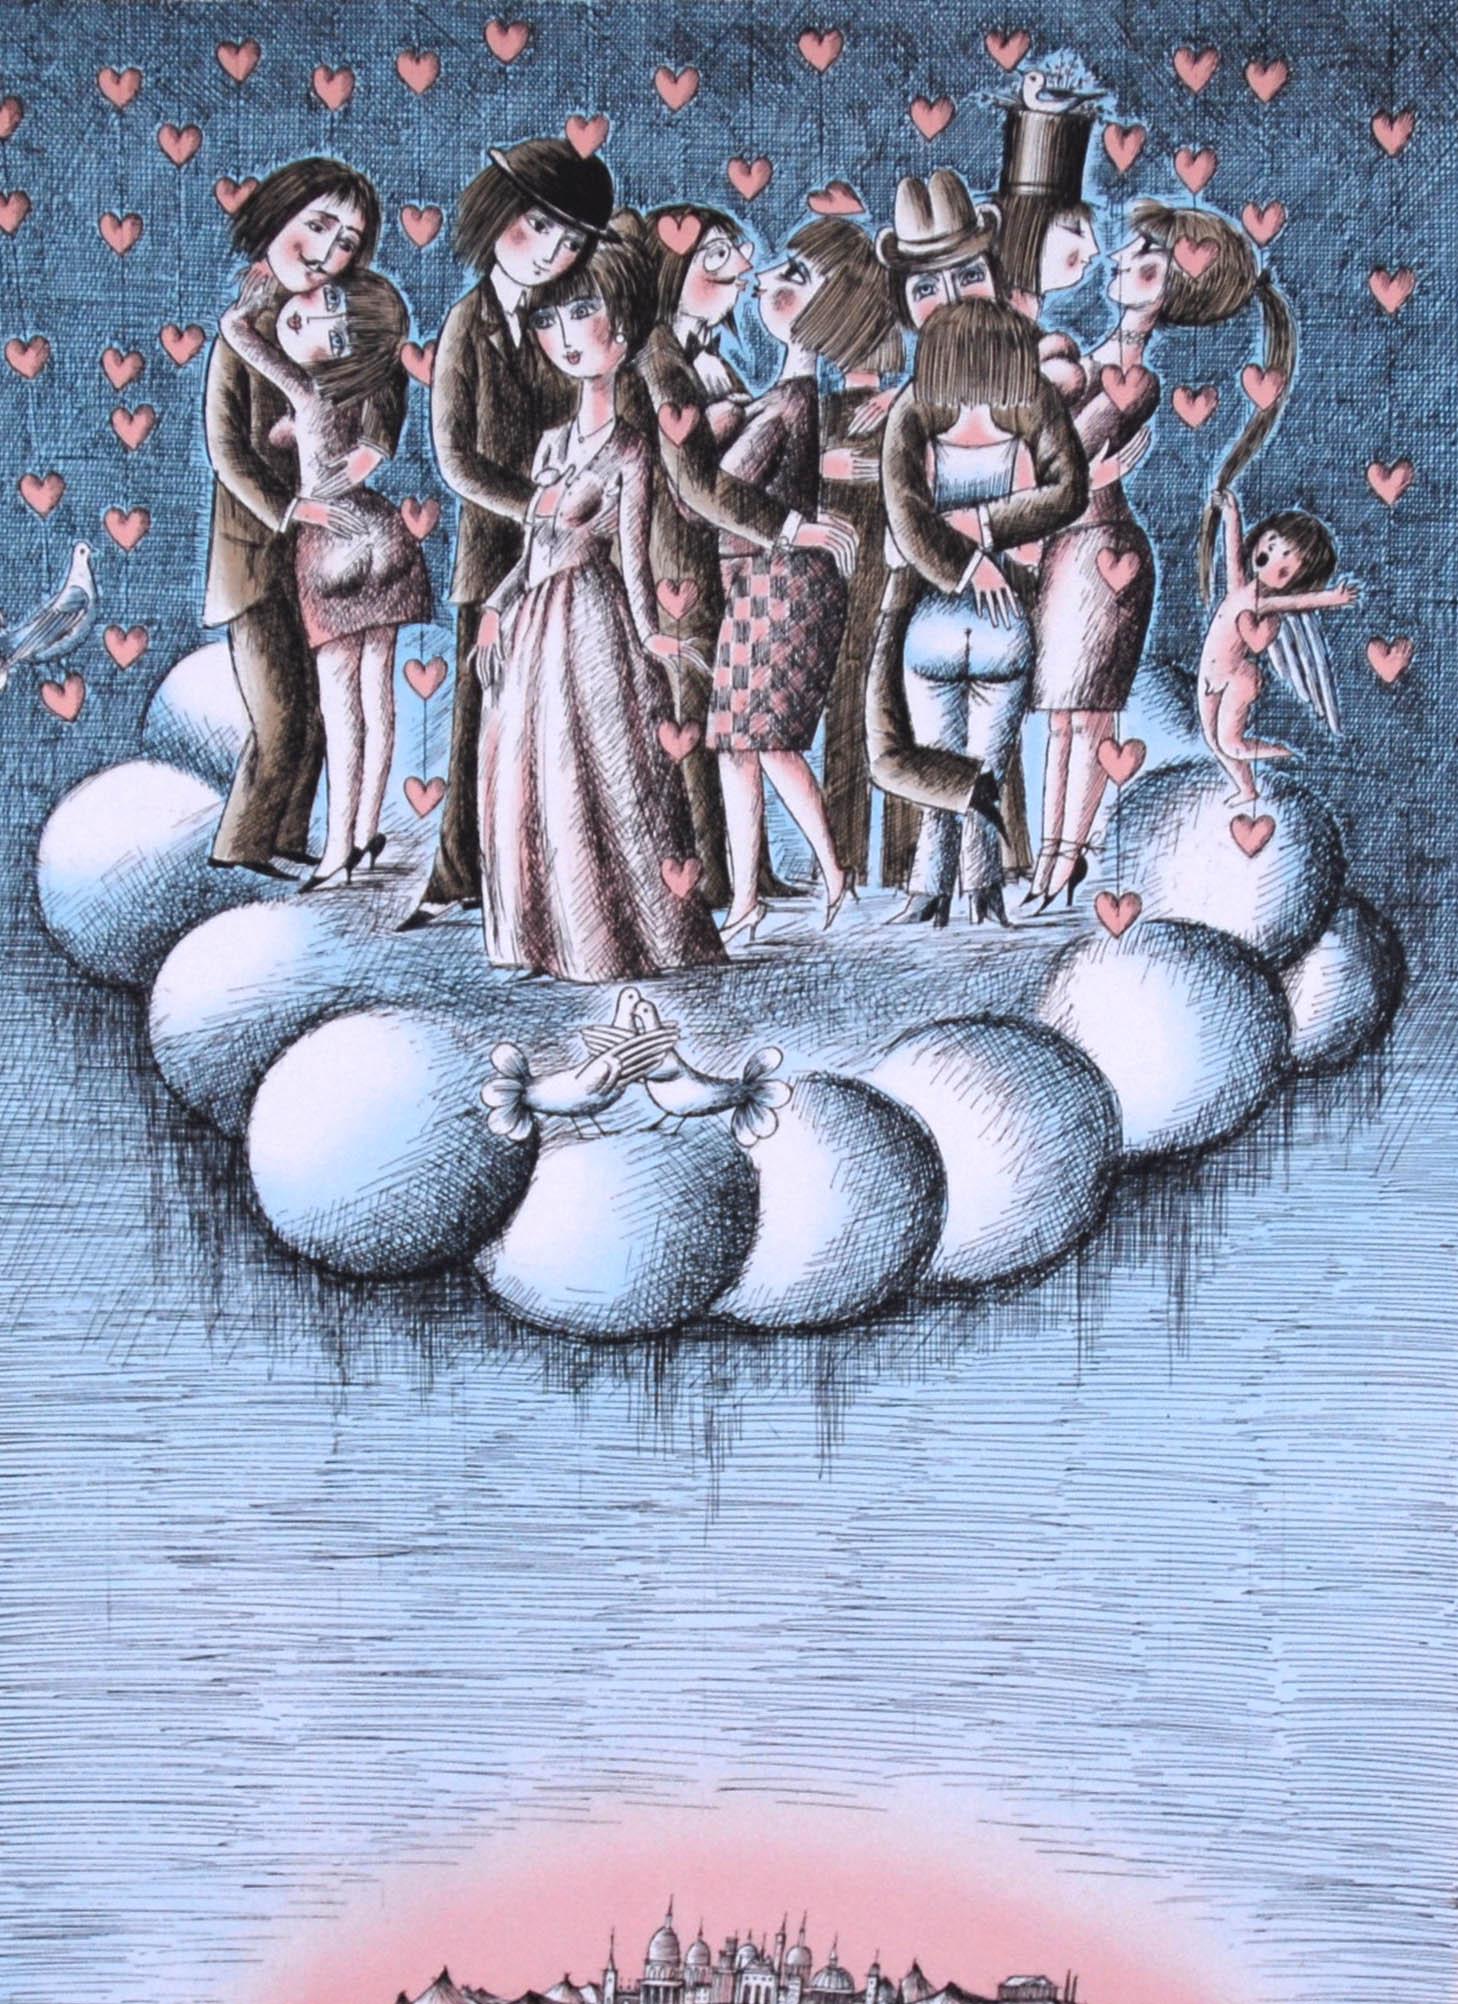 ペイネ 雲の上のパーティー